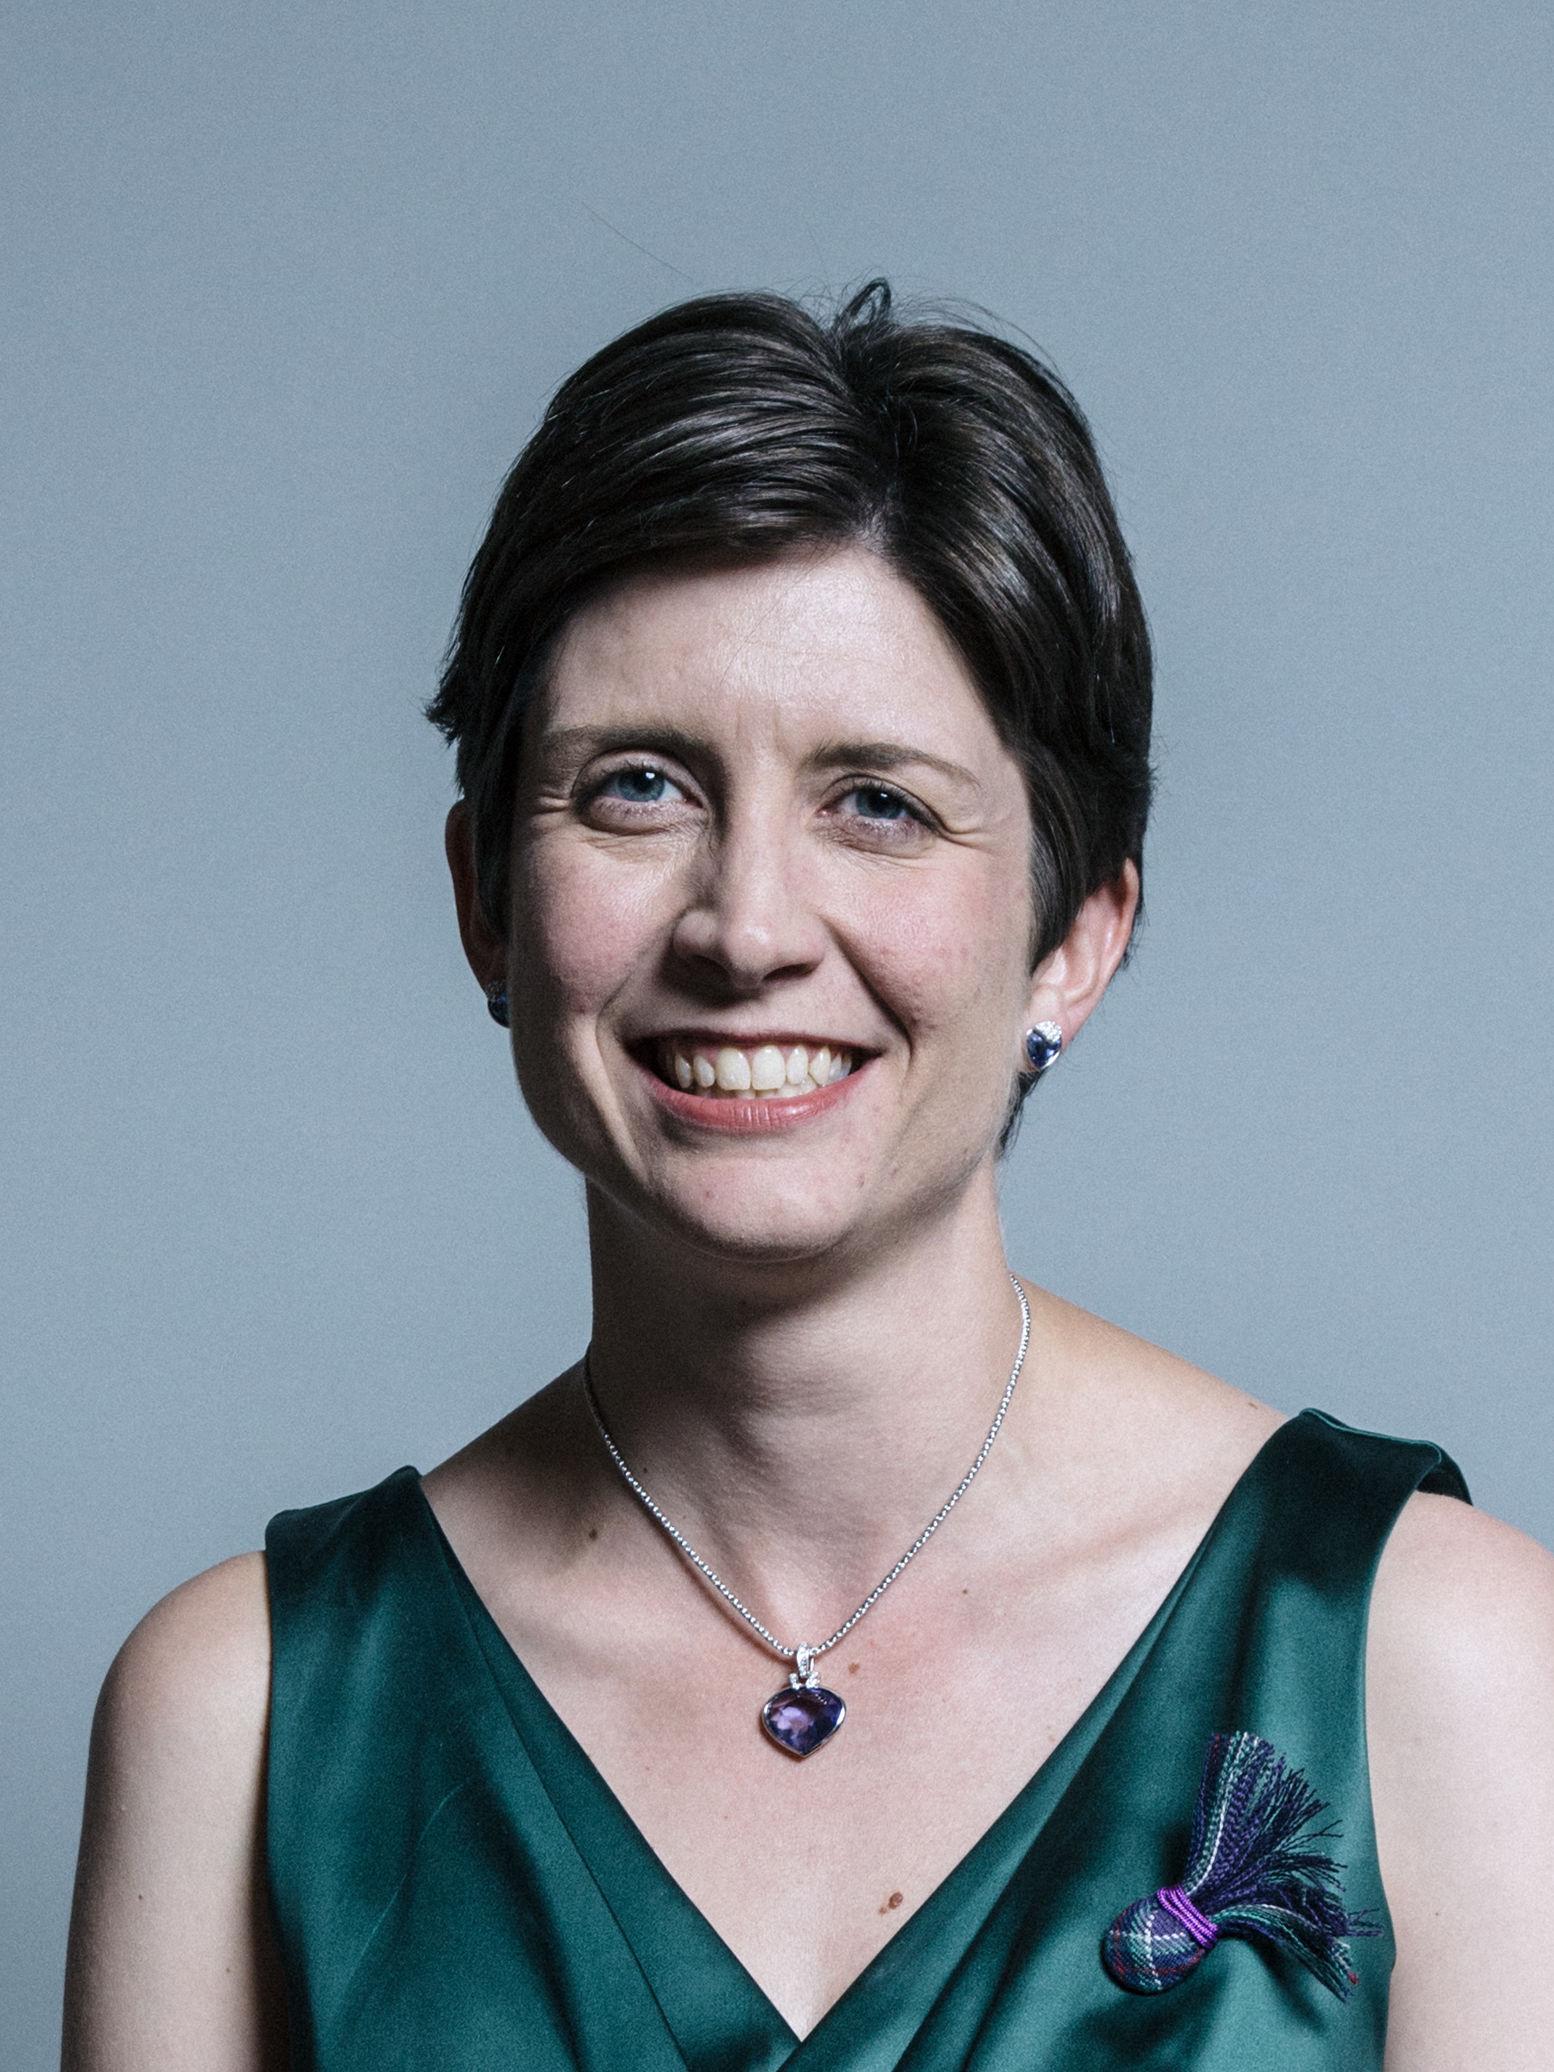 Alison Thewliss - Wikipedia